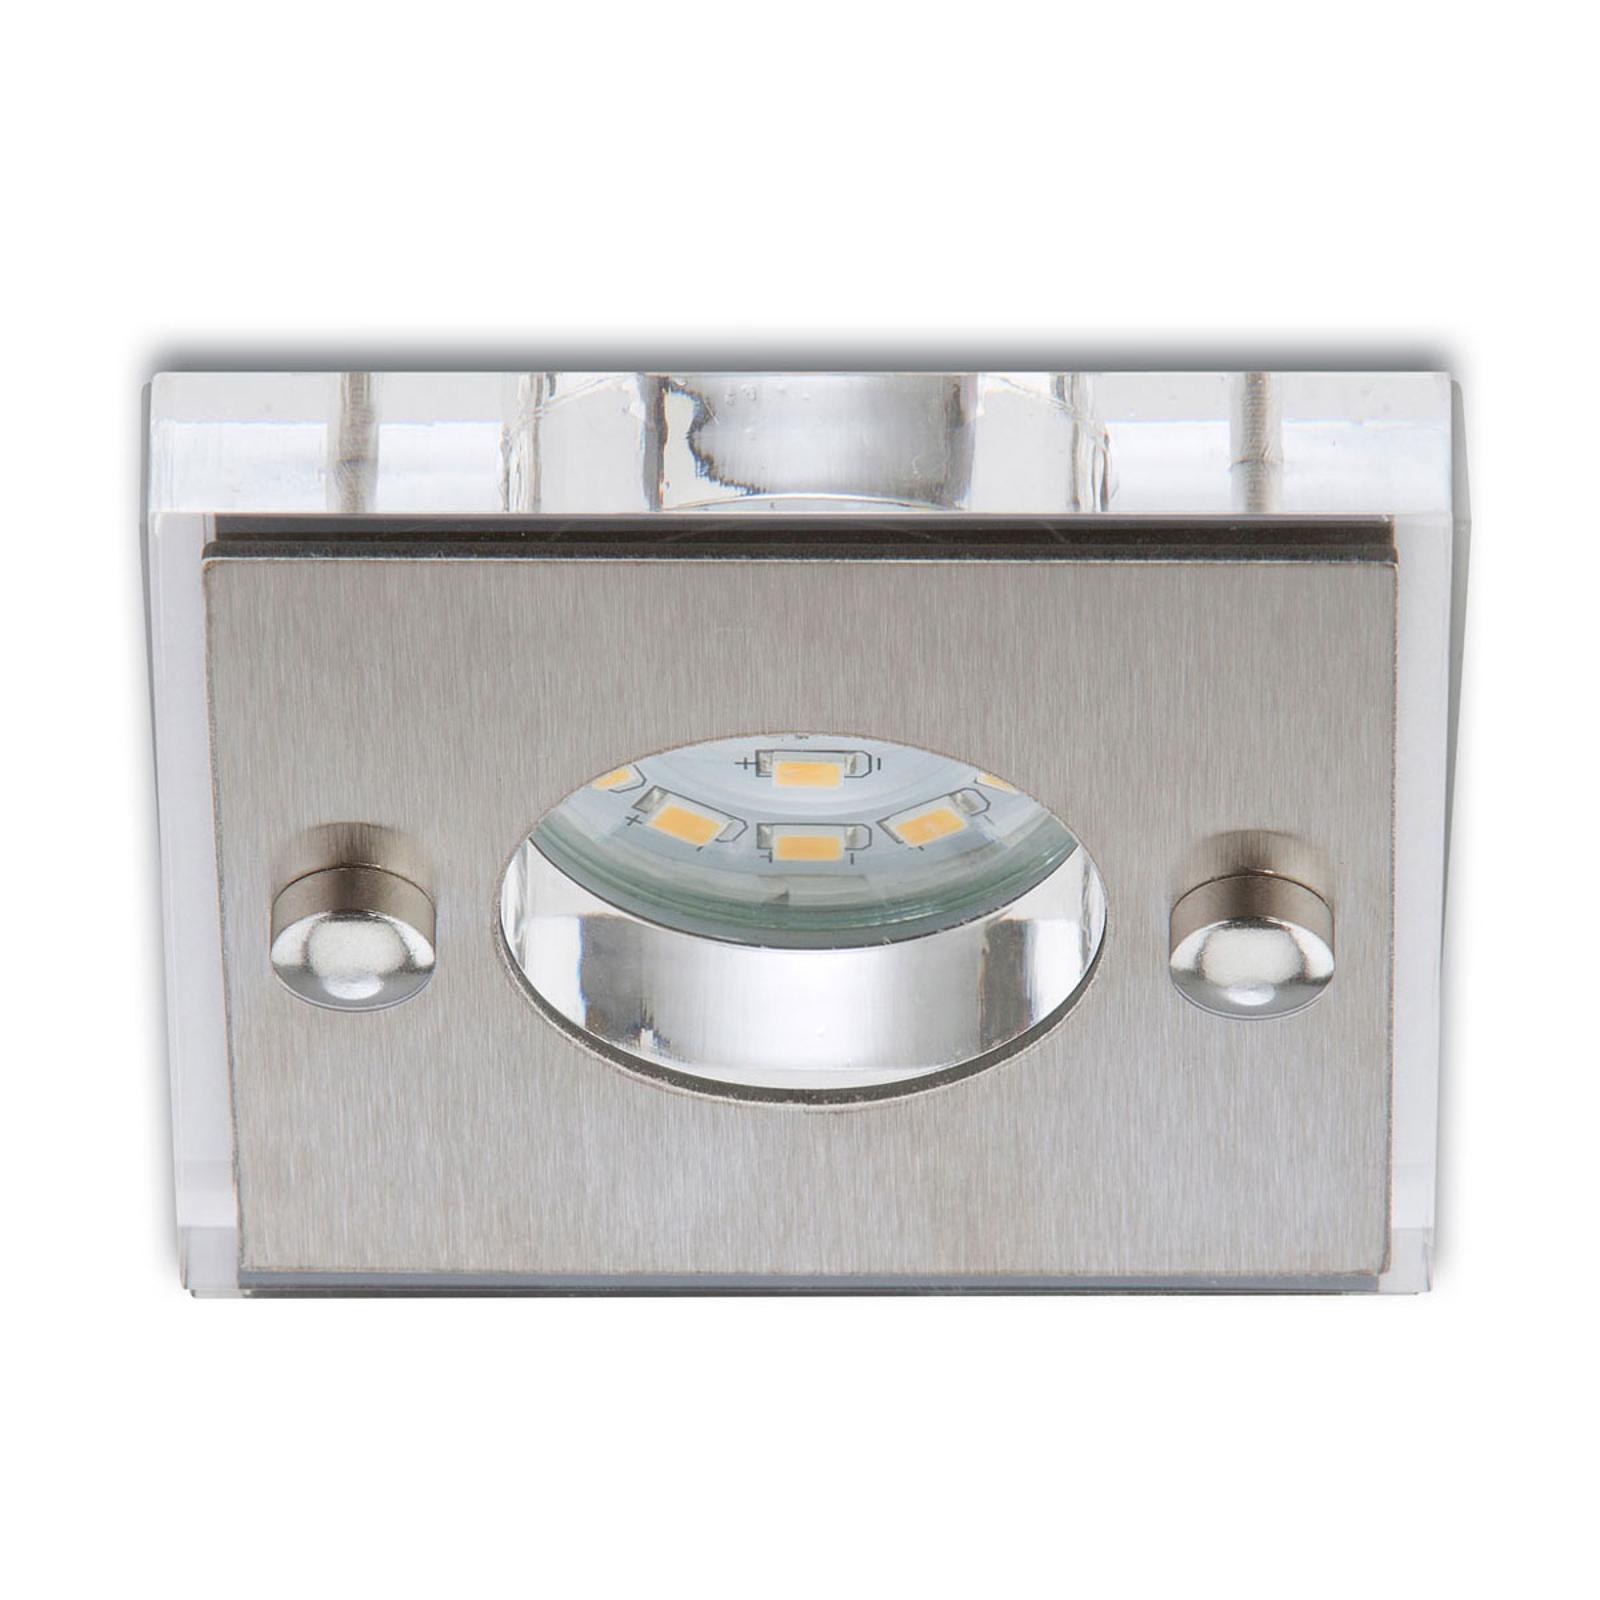 Faretto LED angolare incasso Nikas alluminio